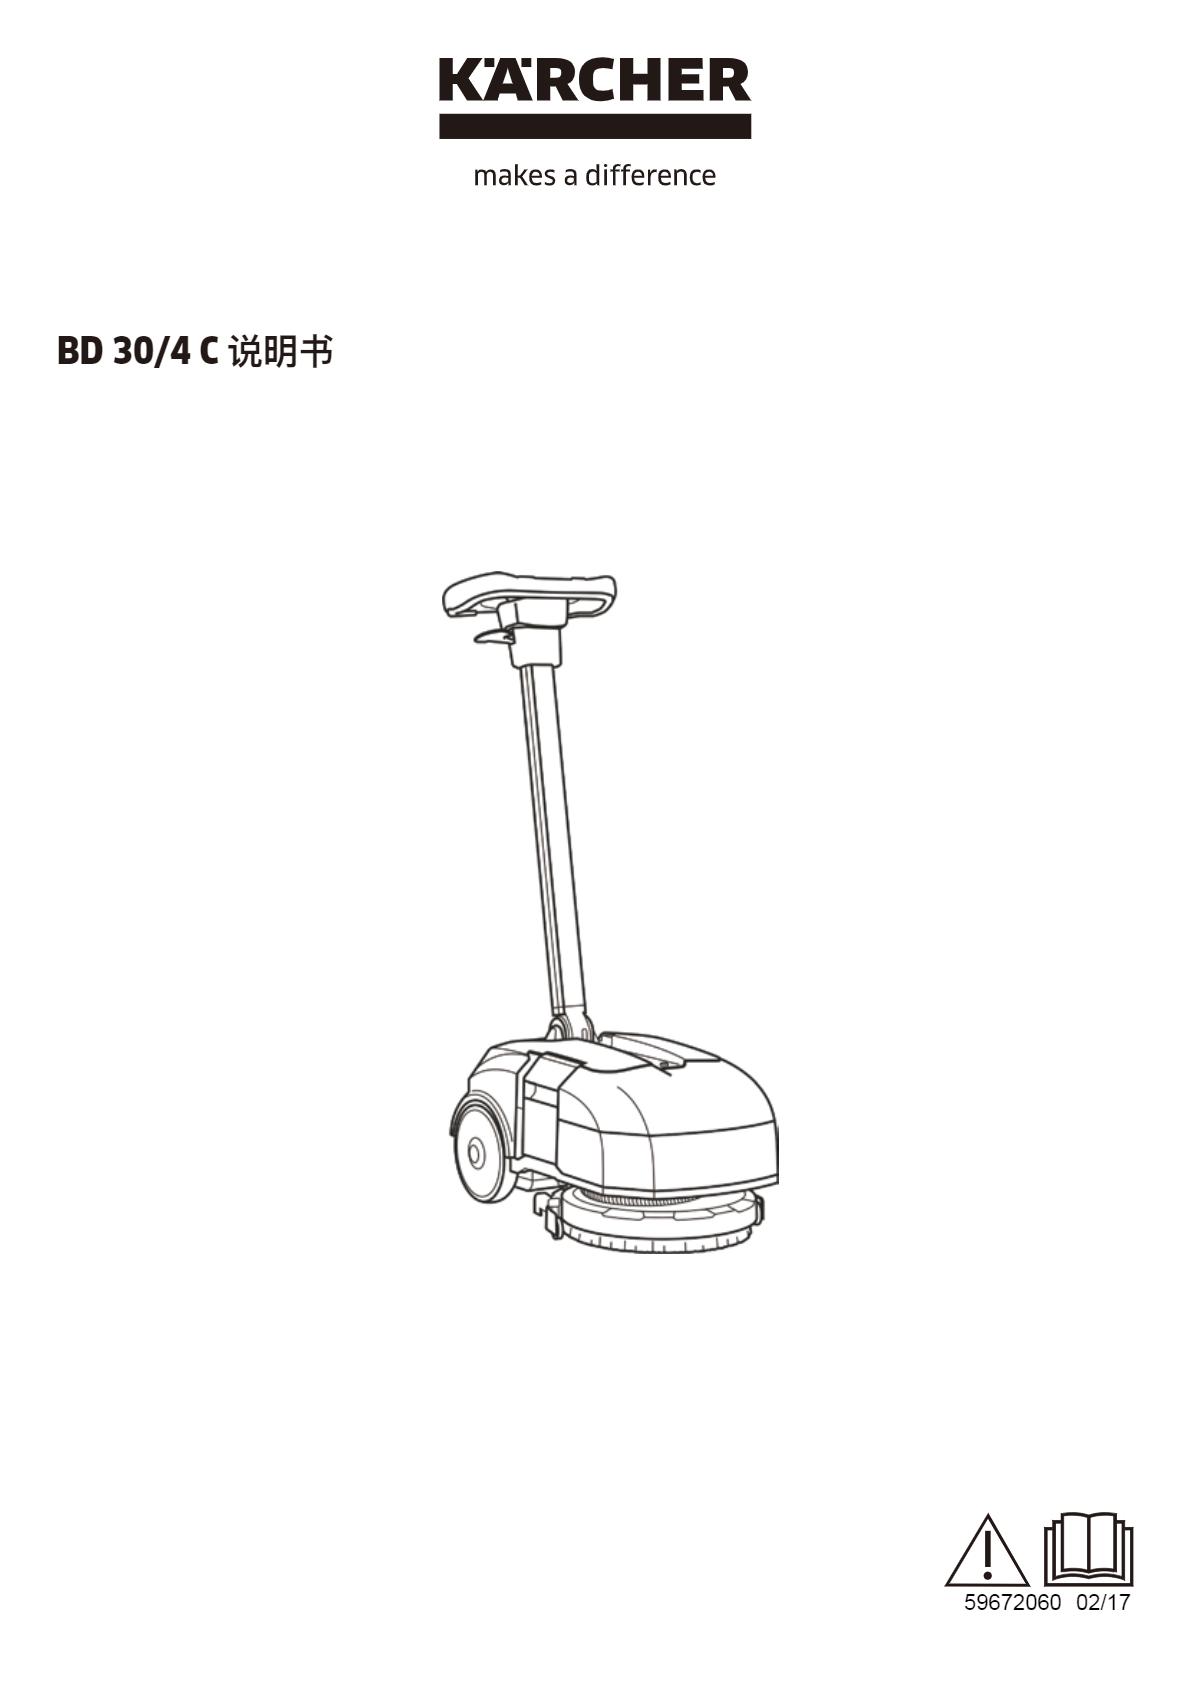 洗地吸干机 BD 30/4 C Bp Pack *EU 说明书说明书下载